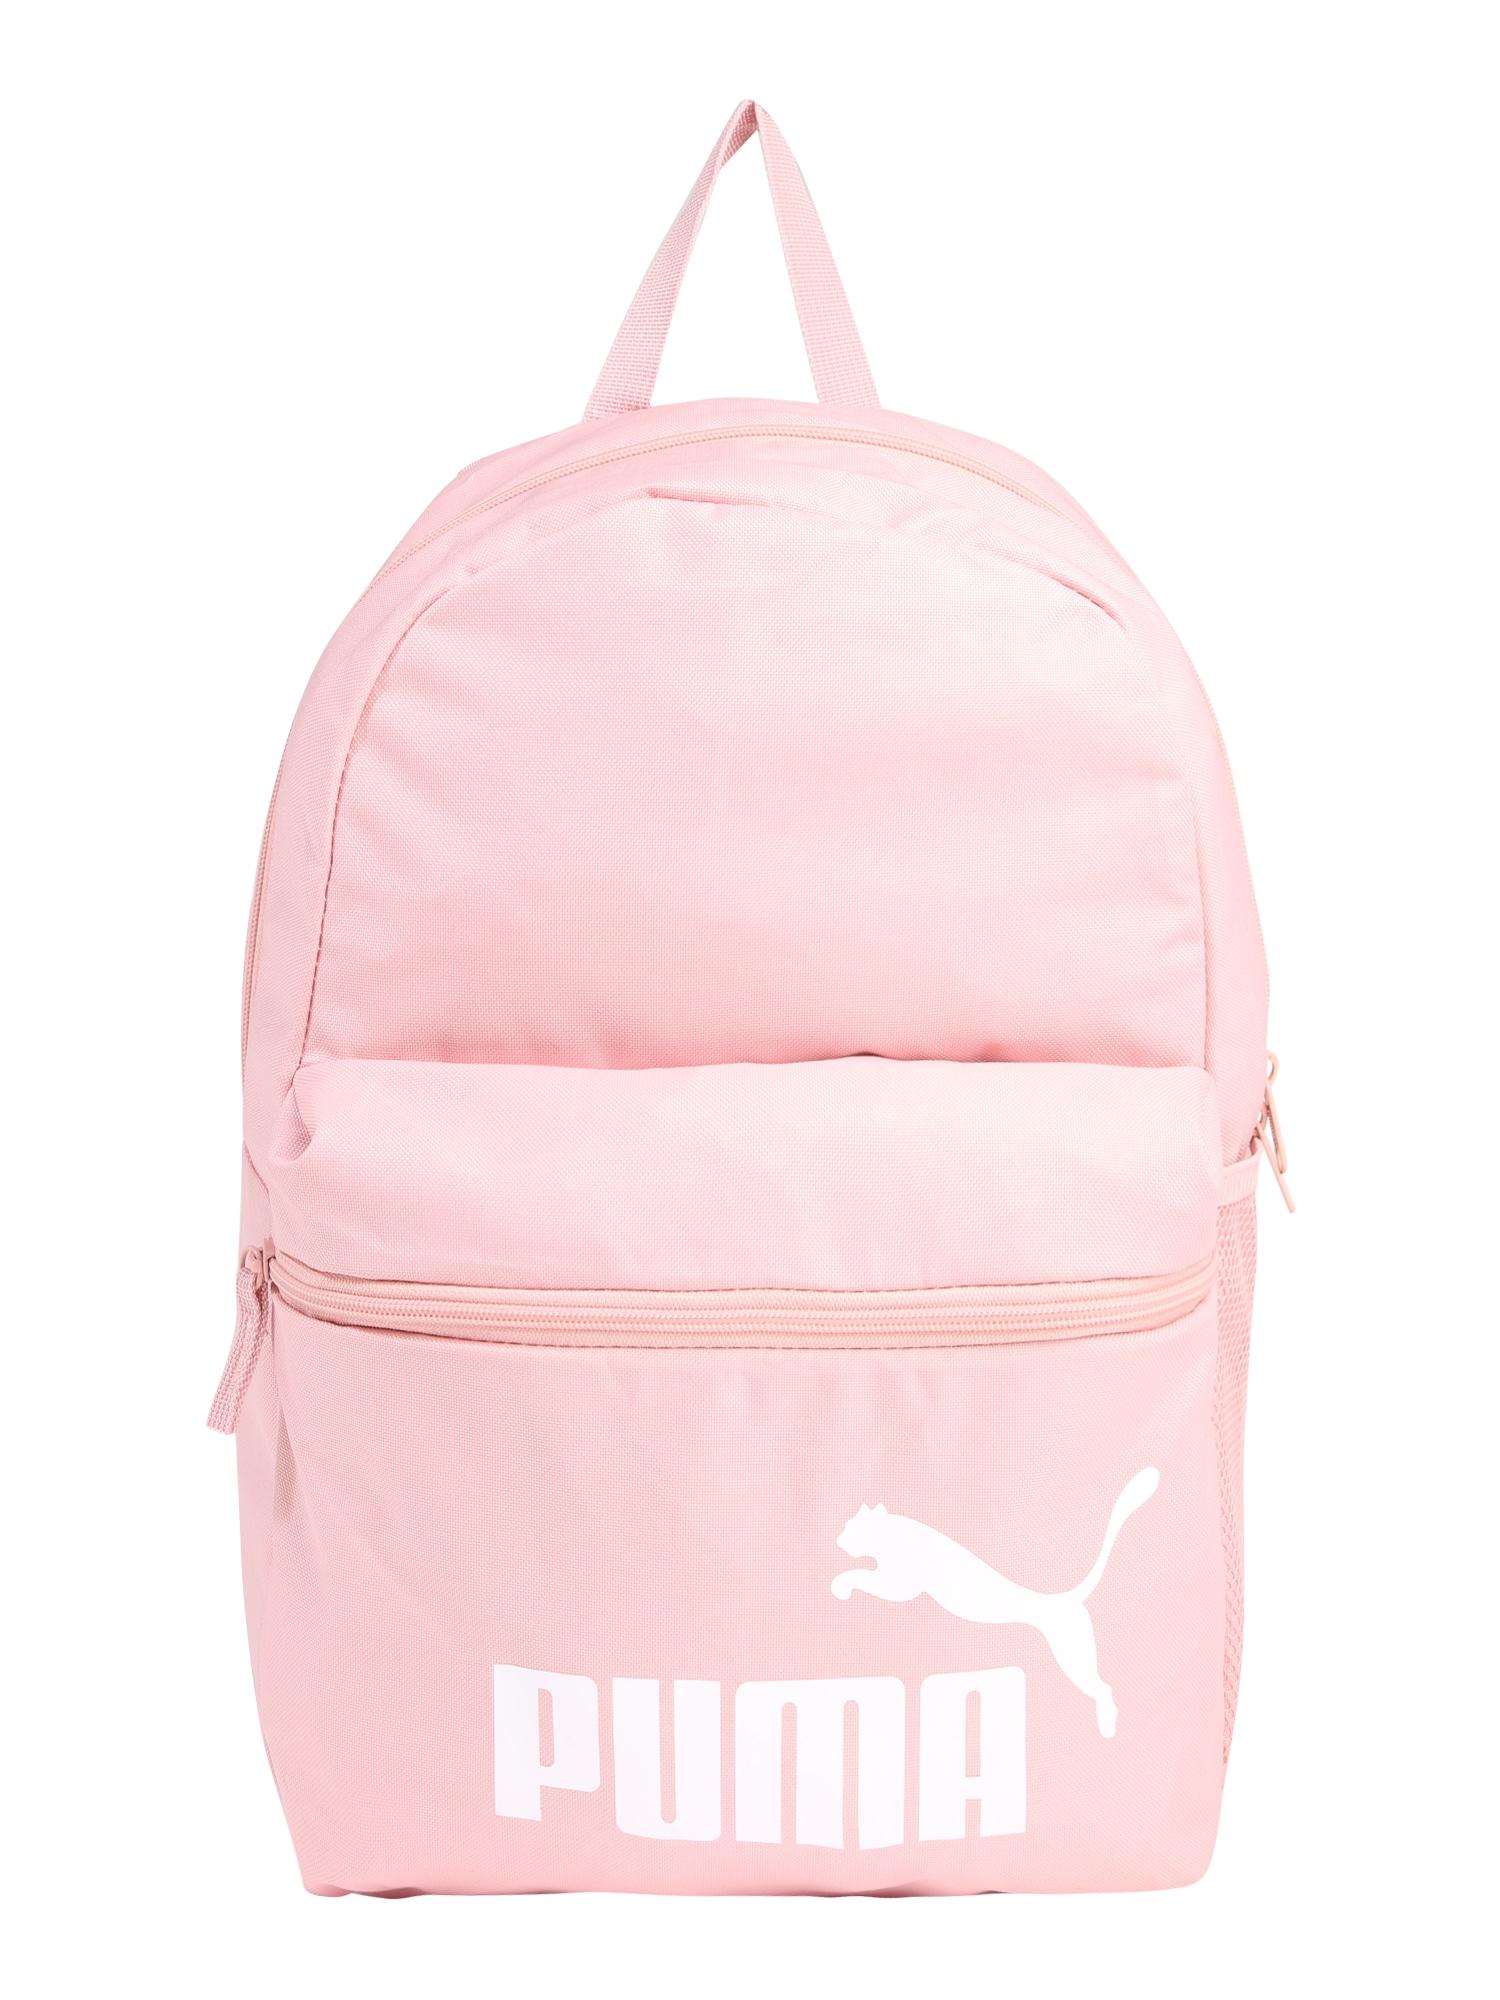 Sportovní taška Phase růžová PUMA